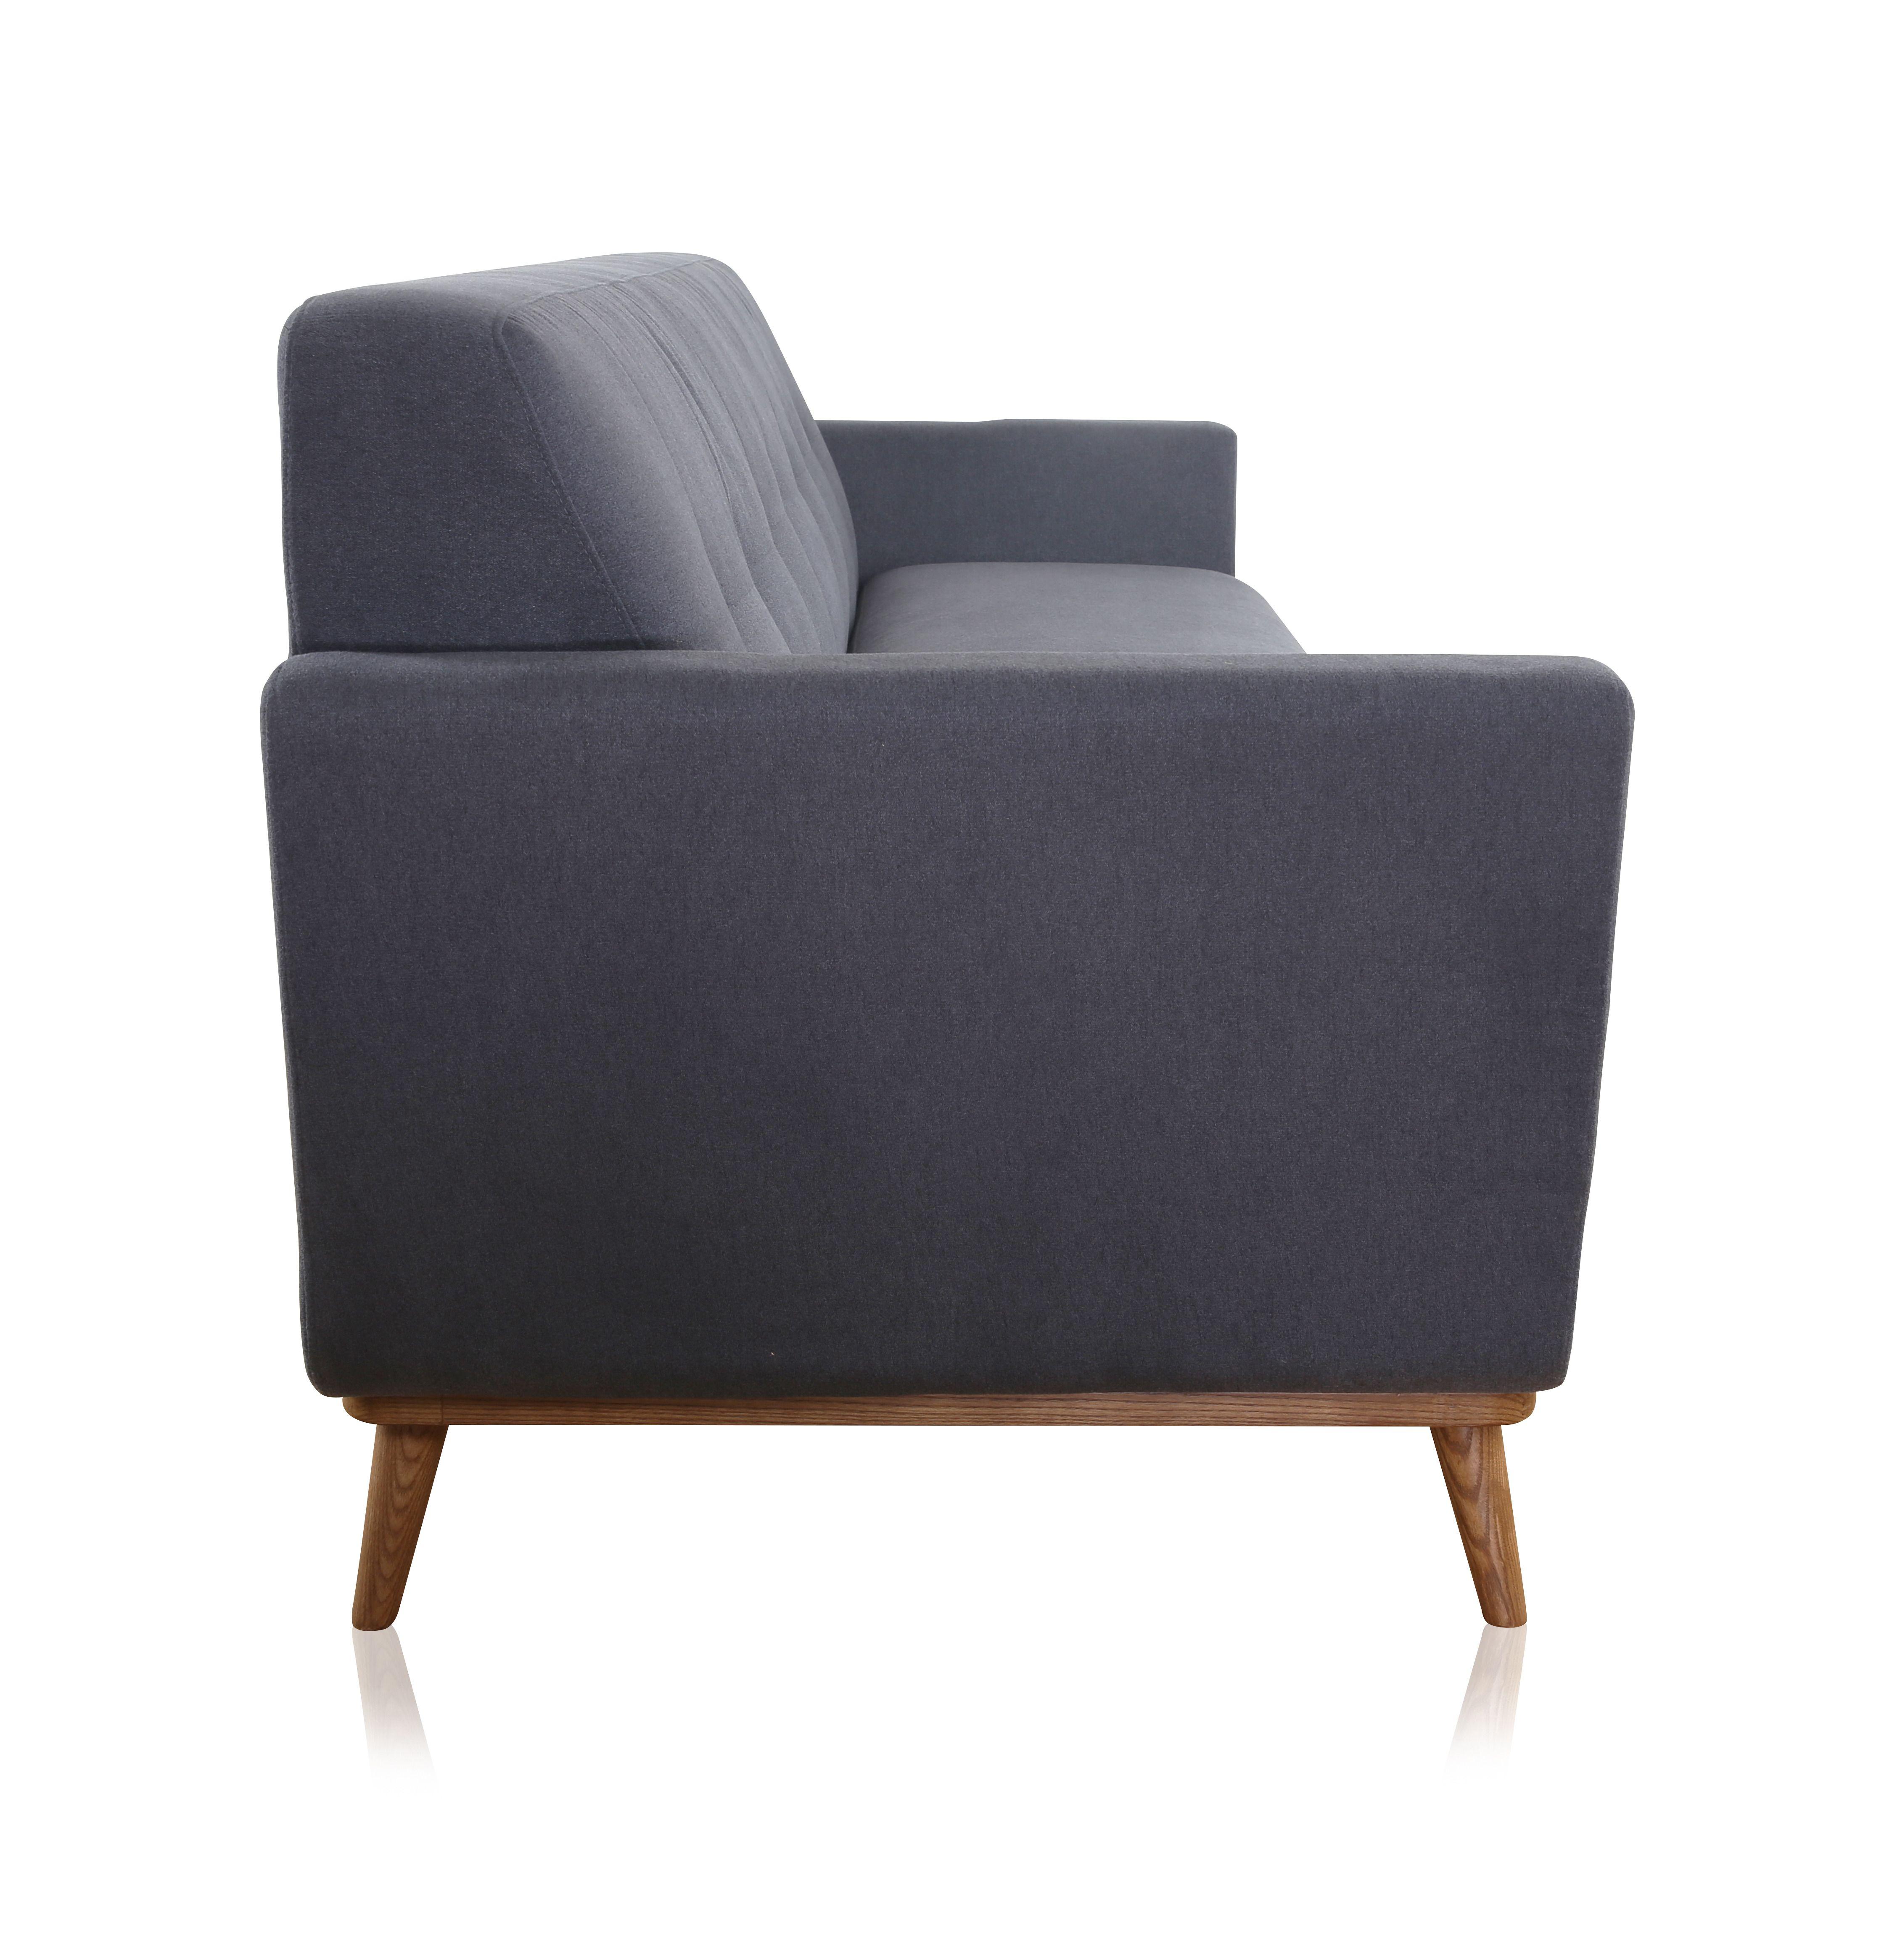 Gentil Karel Contemporary Gray Fabric 3 Seater Sofa